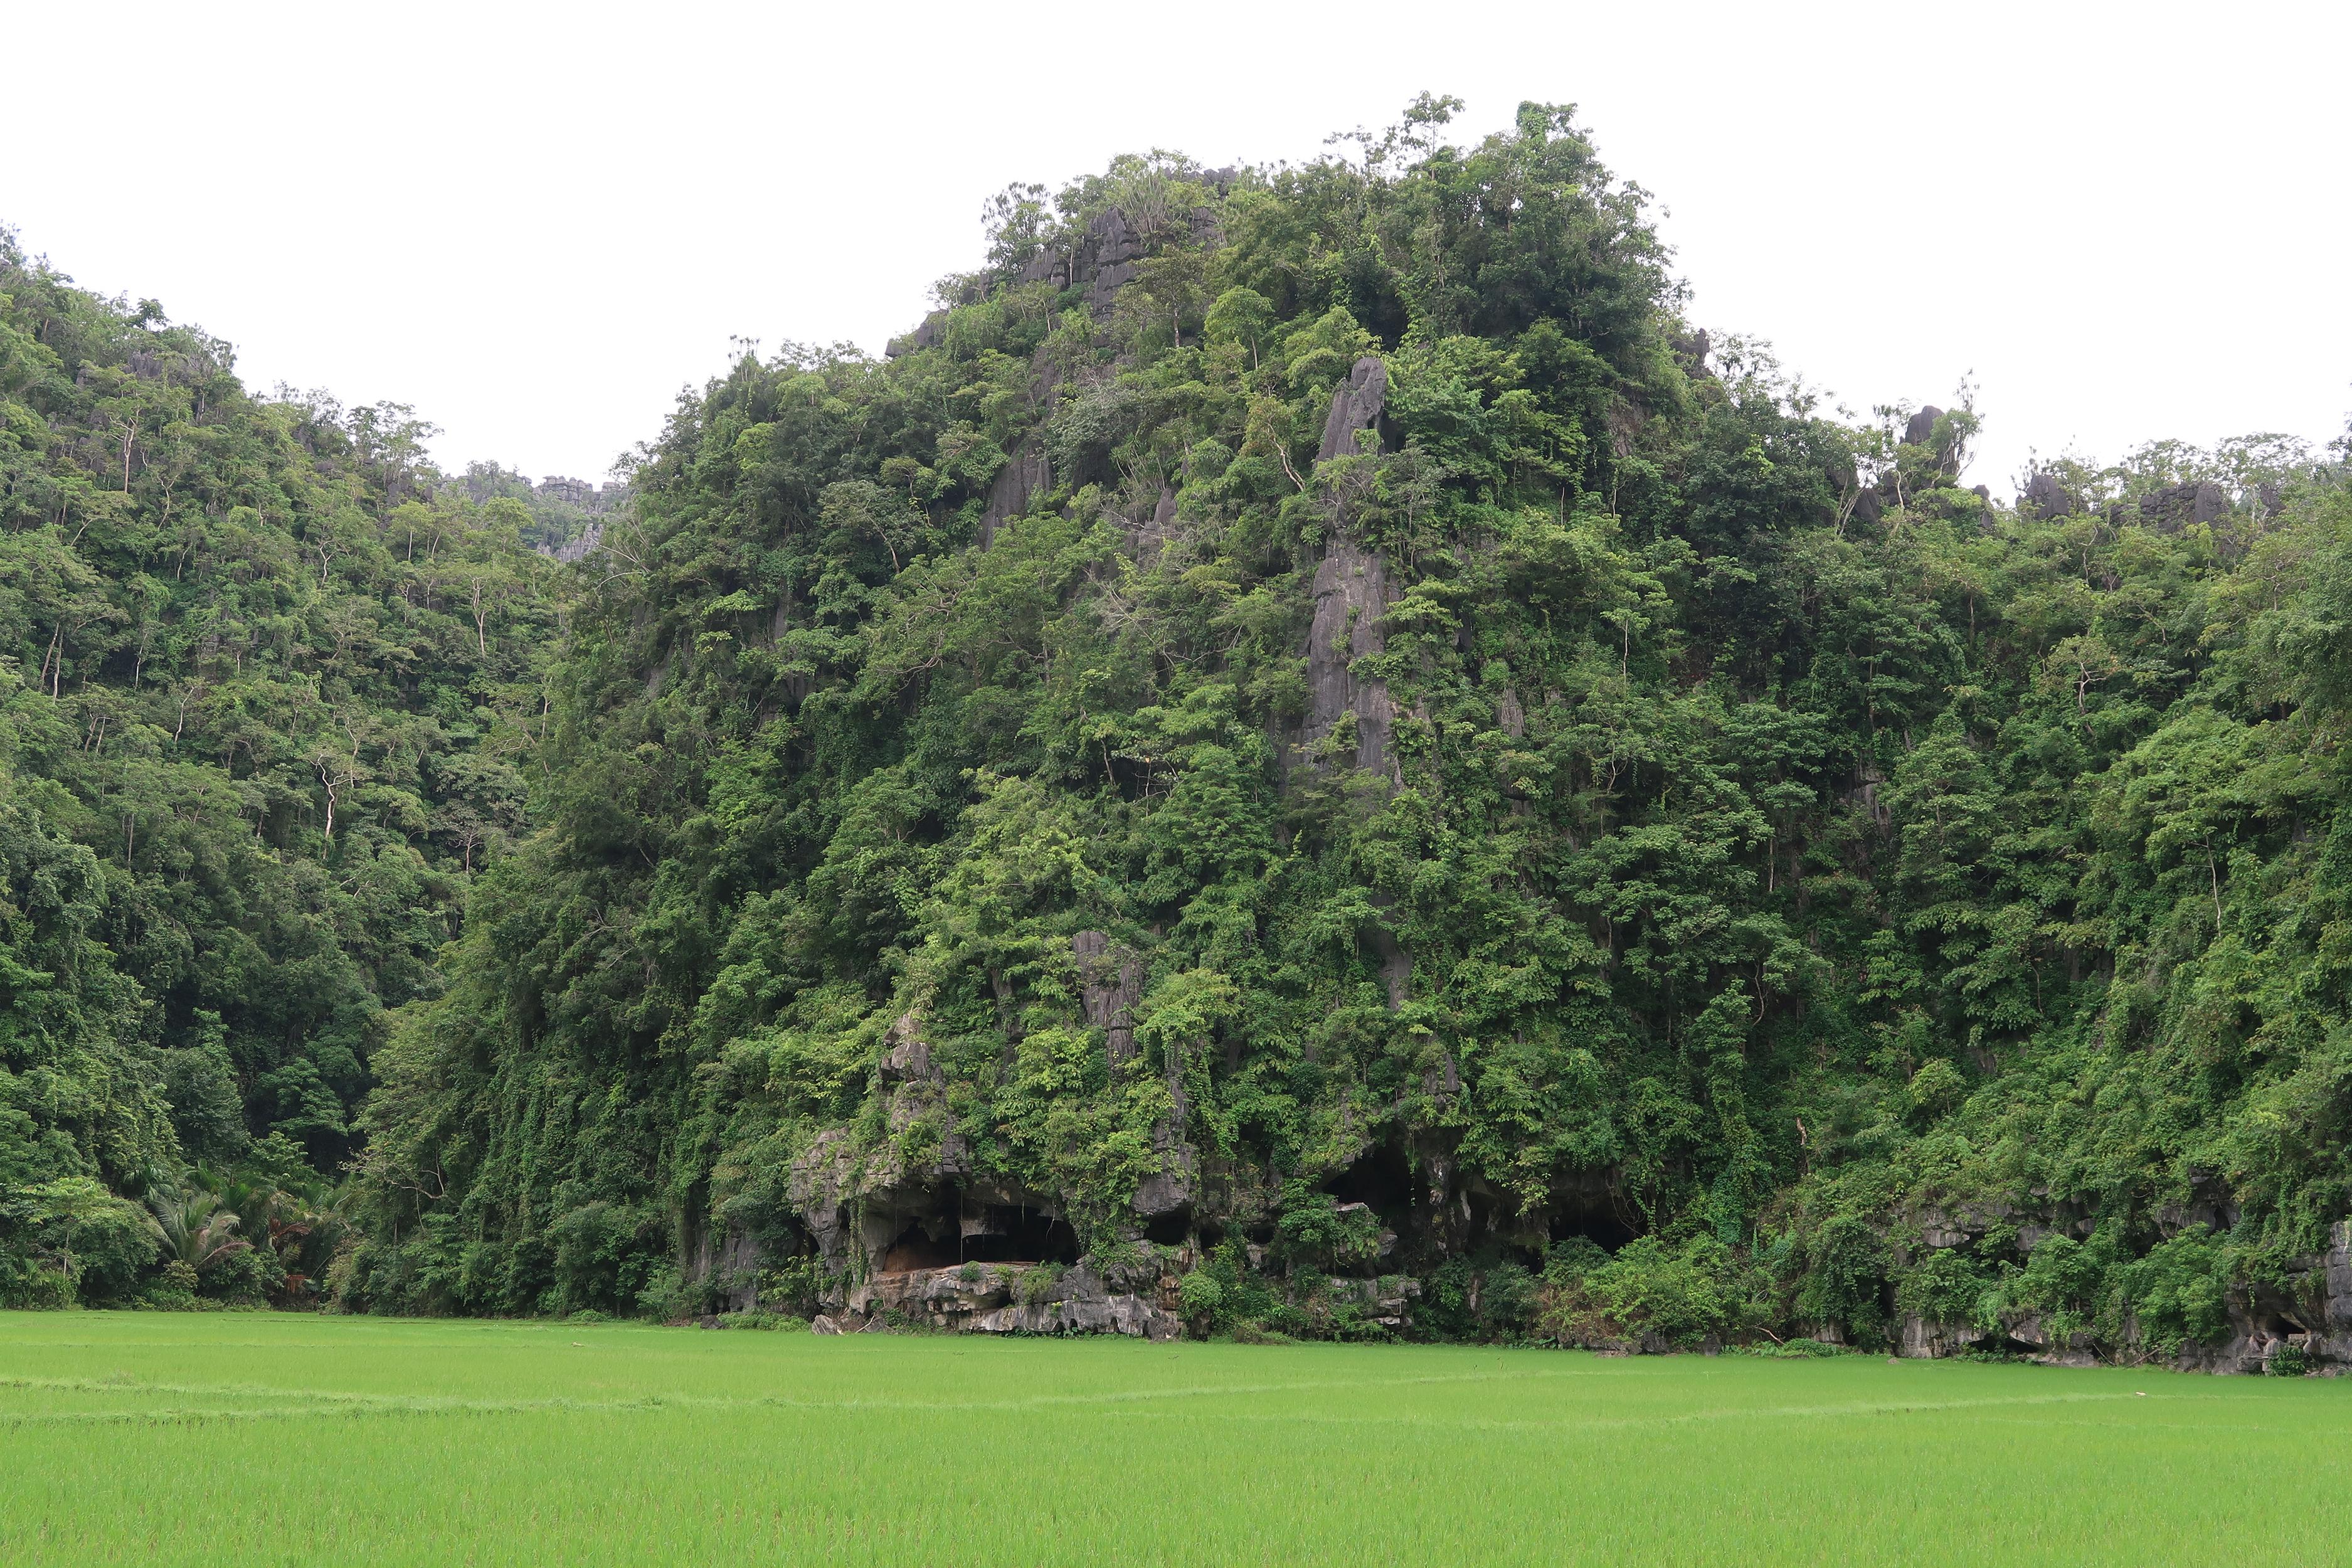 La vue extérieure de la grotte de Leang Tedongnge.